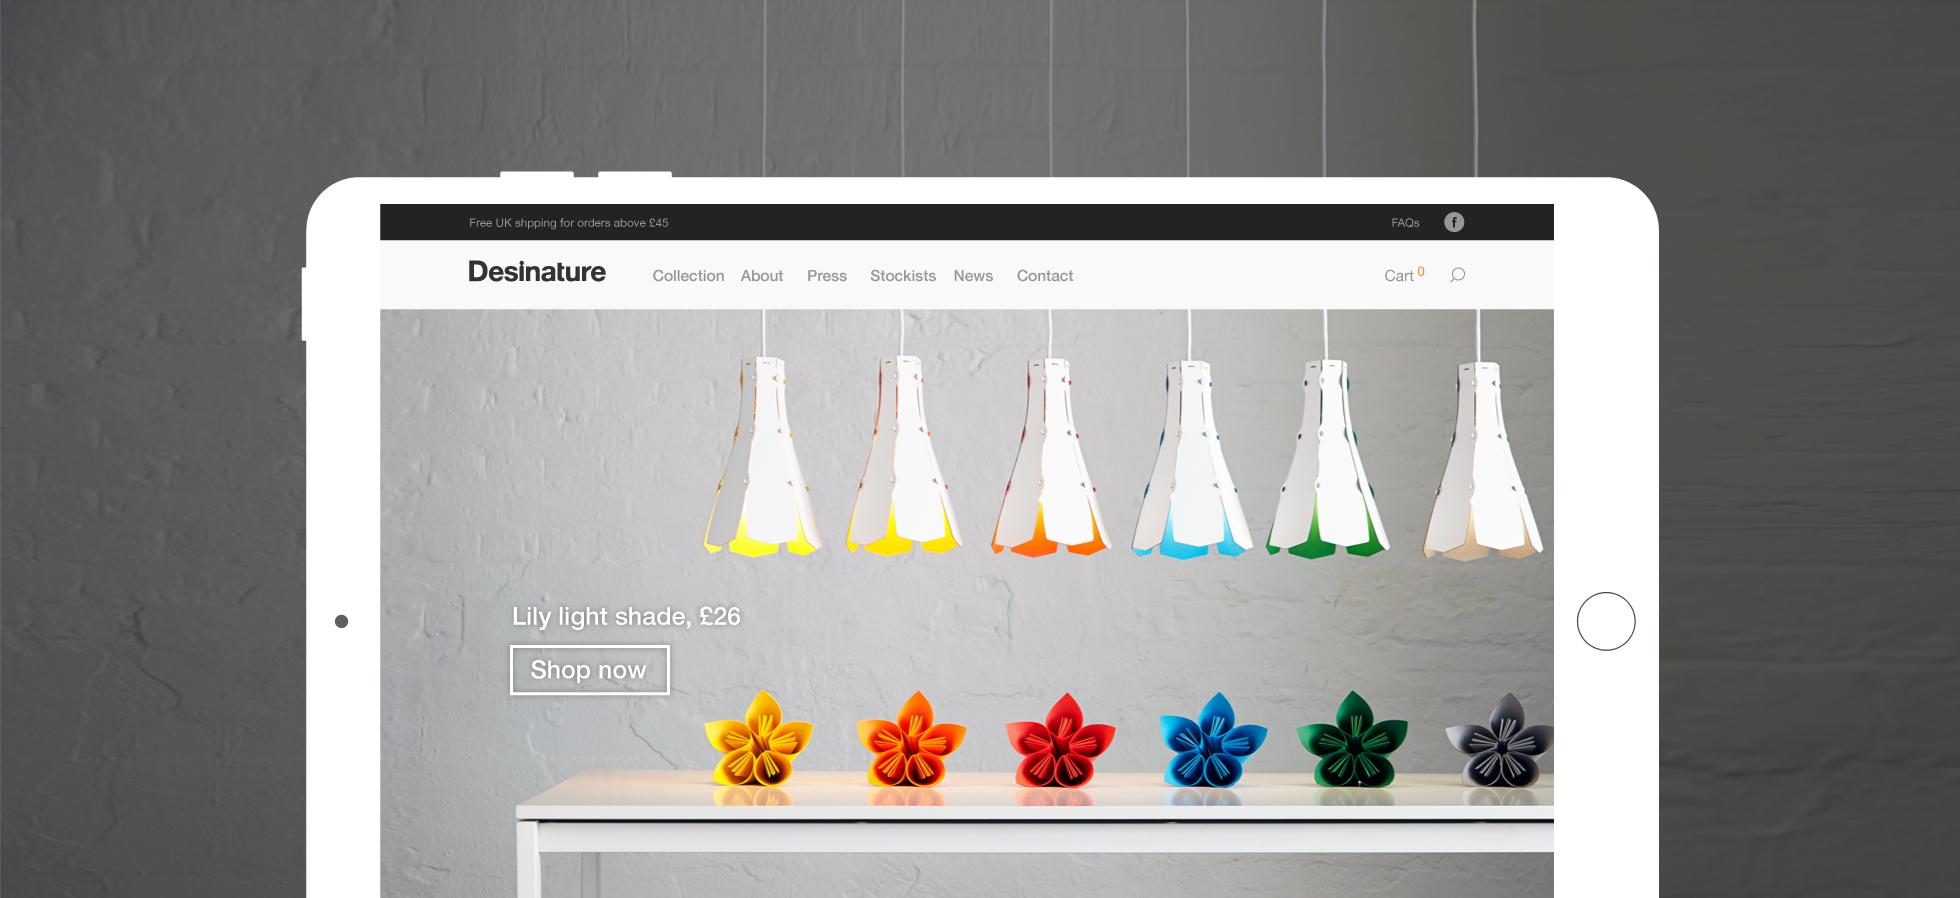 Branding for New Design Brand Desinature